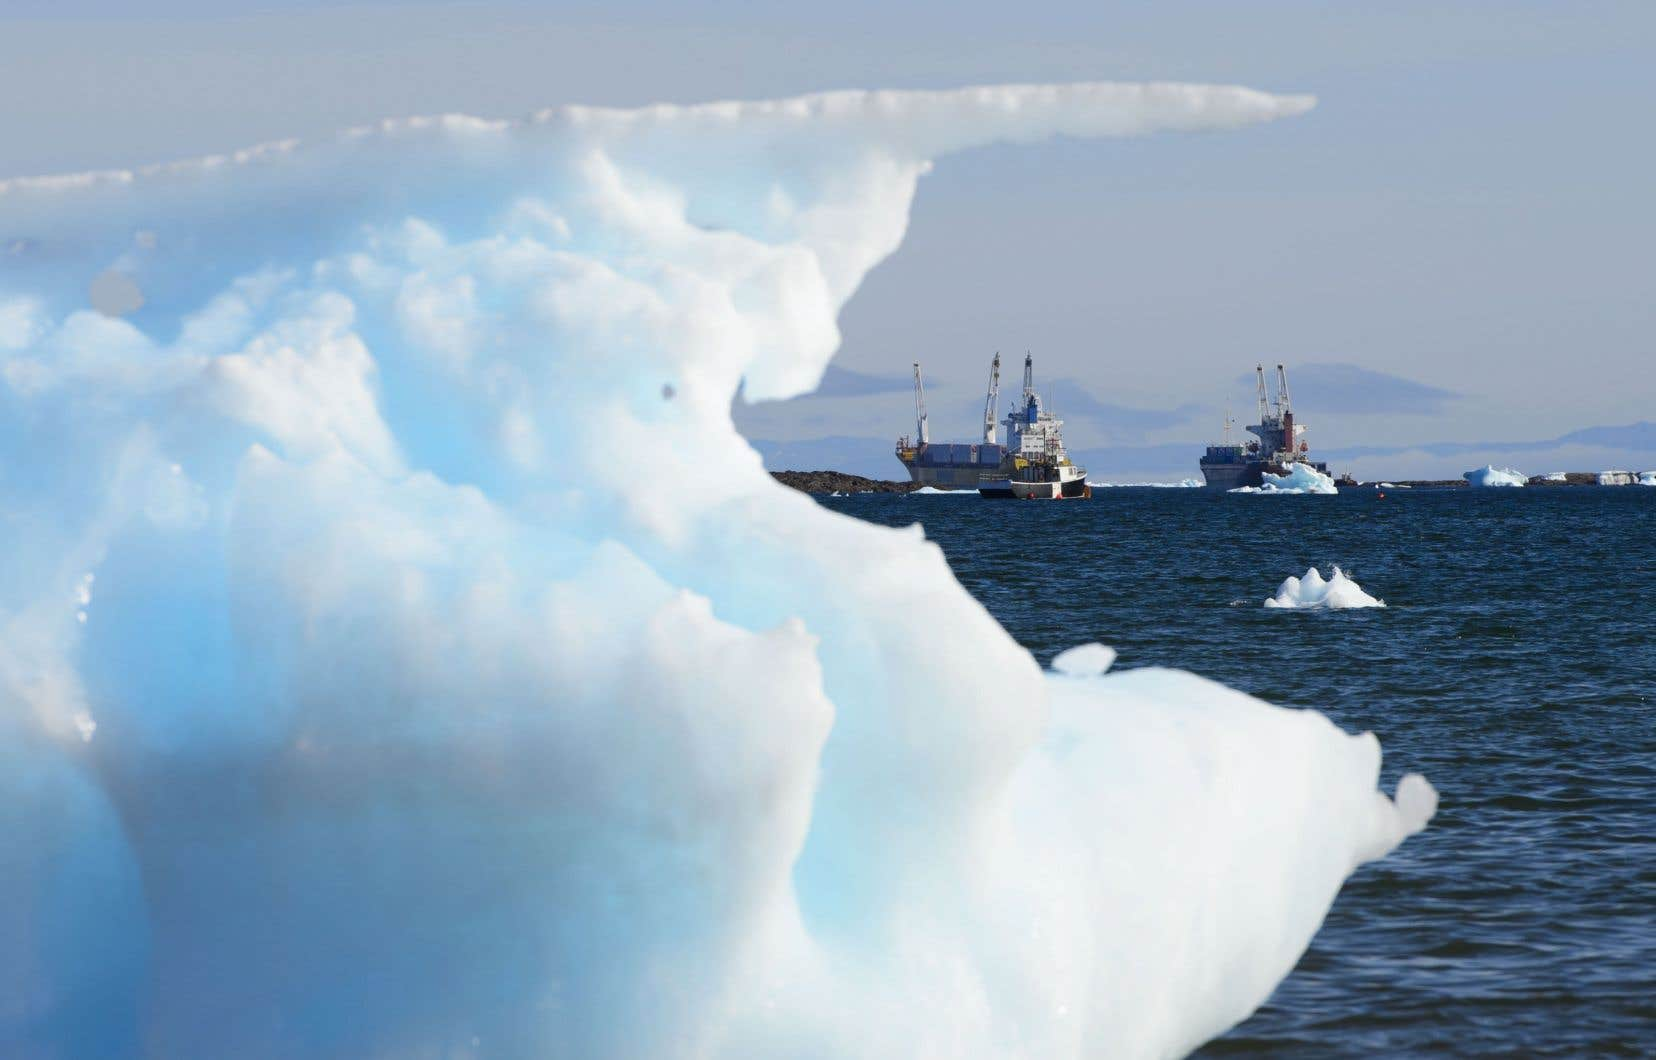 Avec le Canada, sept pays de l'Arctique sur huit soutiennent actuellement l'interdiction du mazout lourd. Seule la Russie s'y oppose.